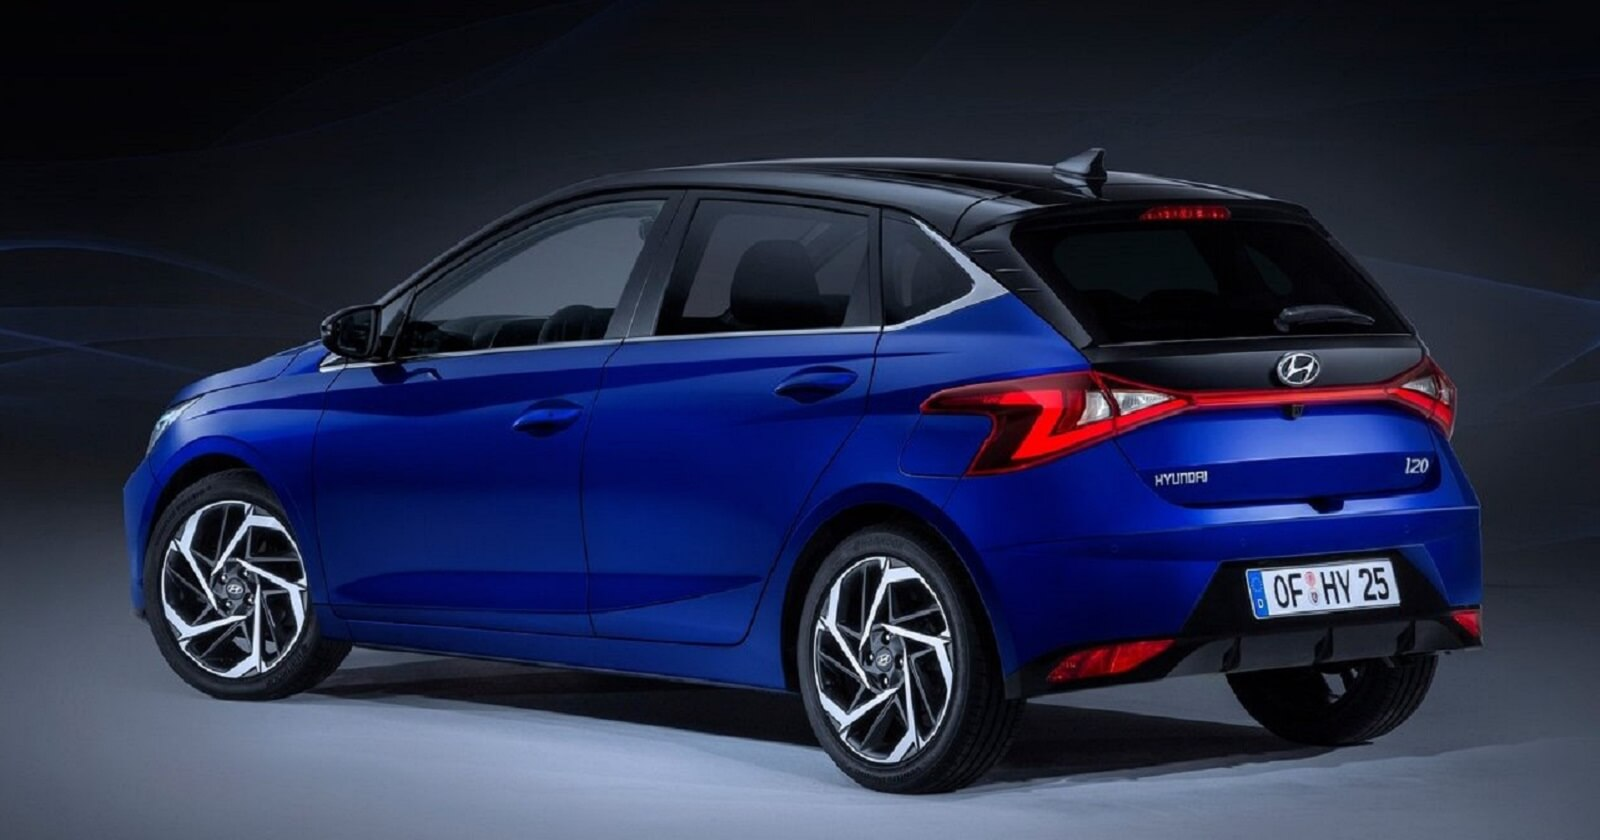 2021 Hyundai i20 indirimli etiket fiyatları listesi